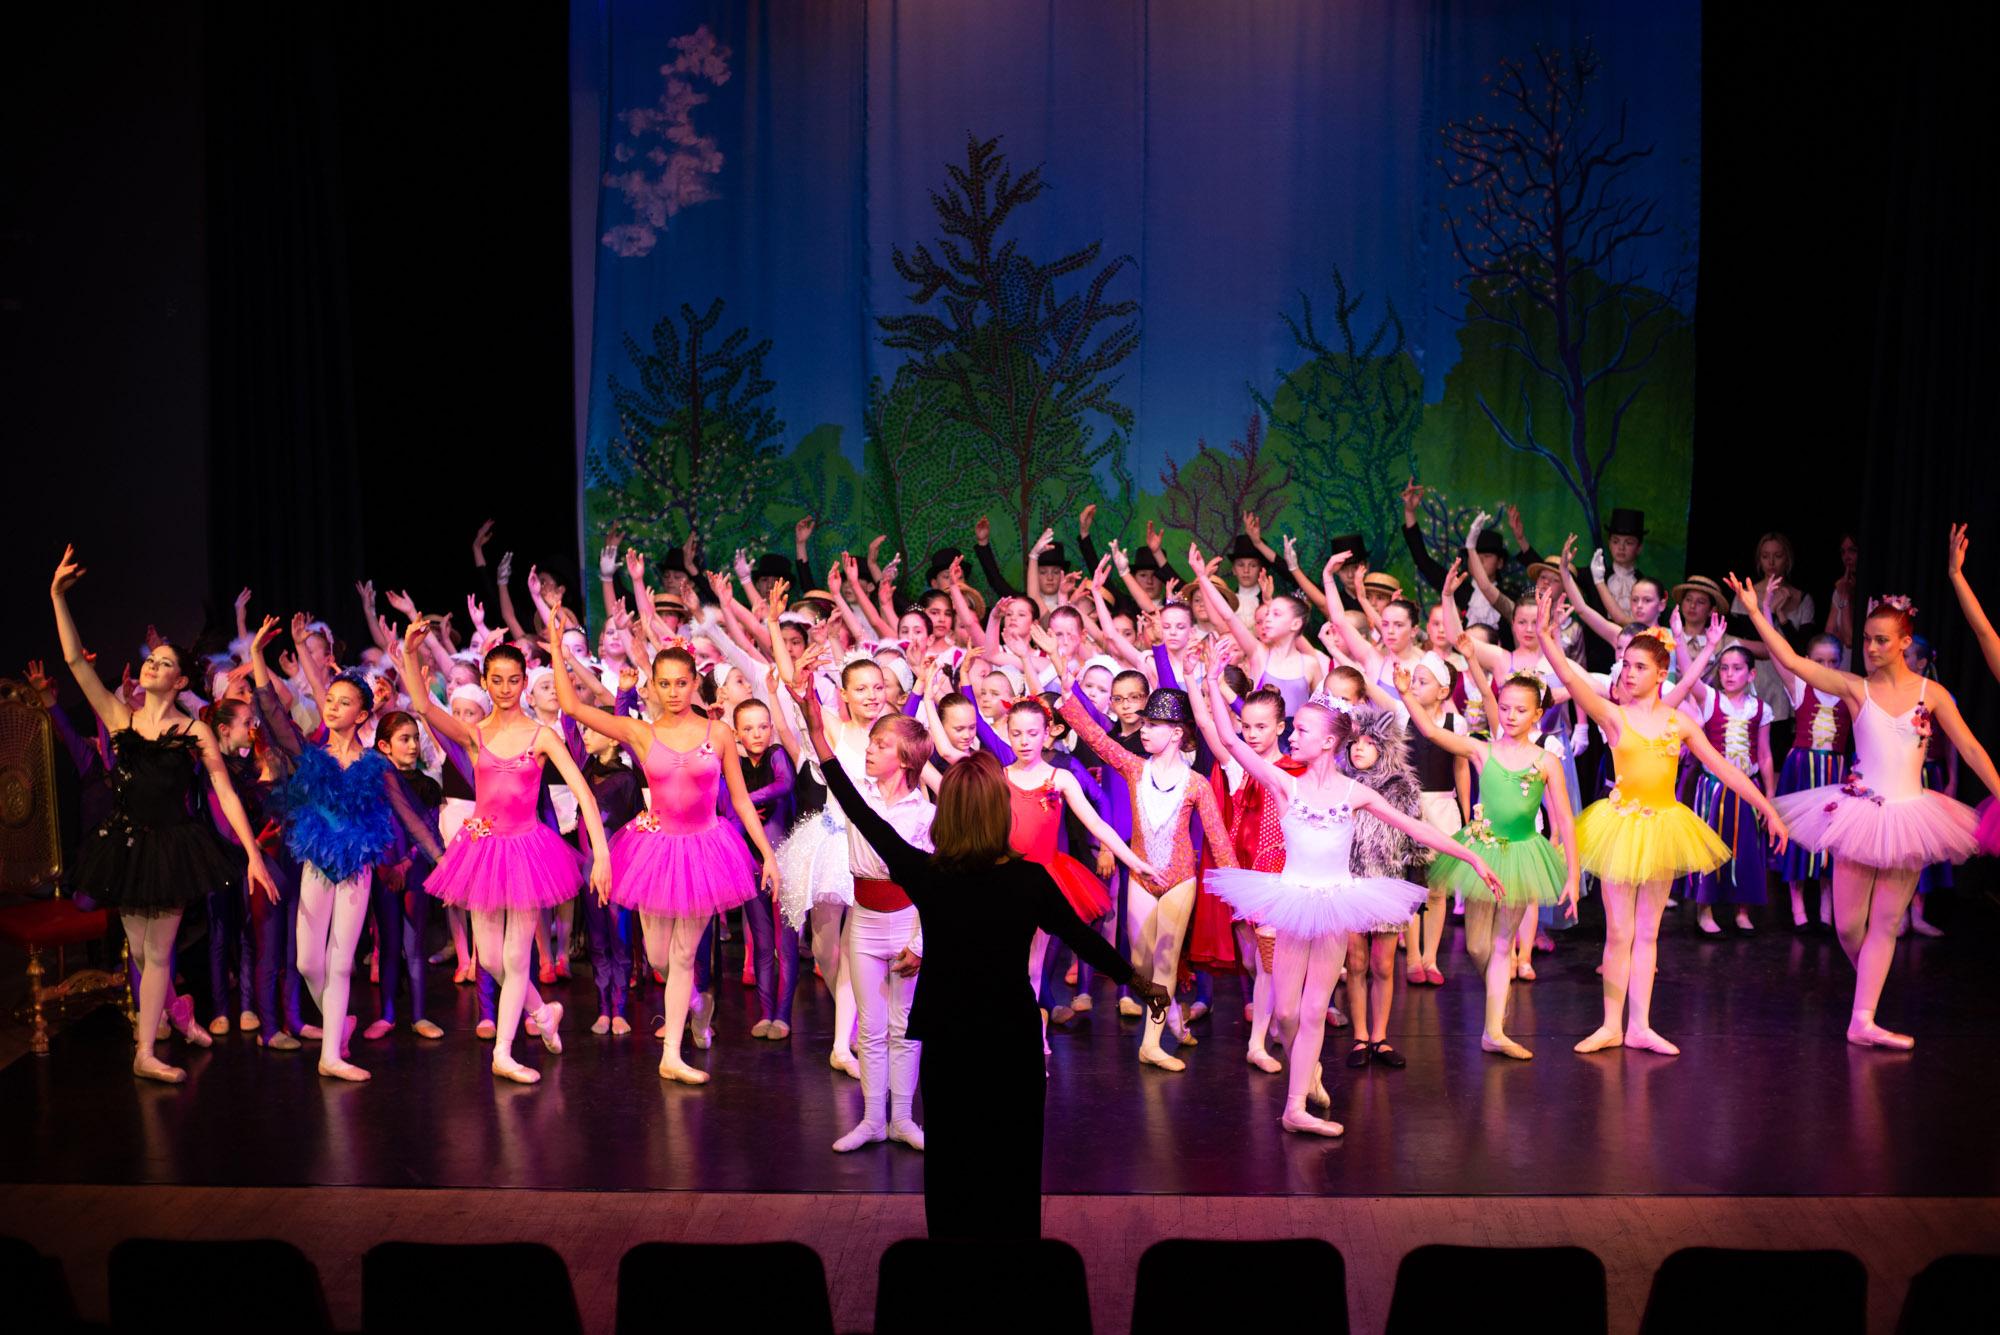 2012_Sleeping_Beauty_Ballet_School 9.jpg